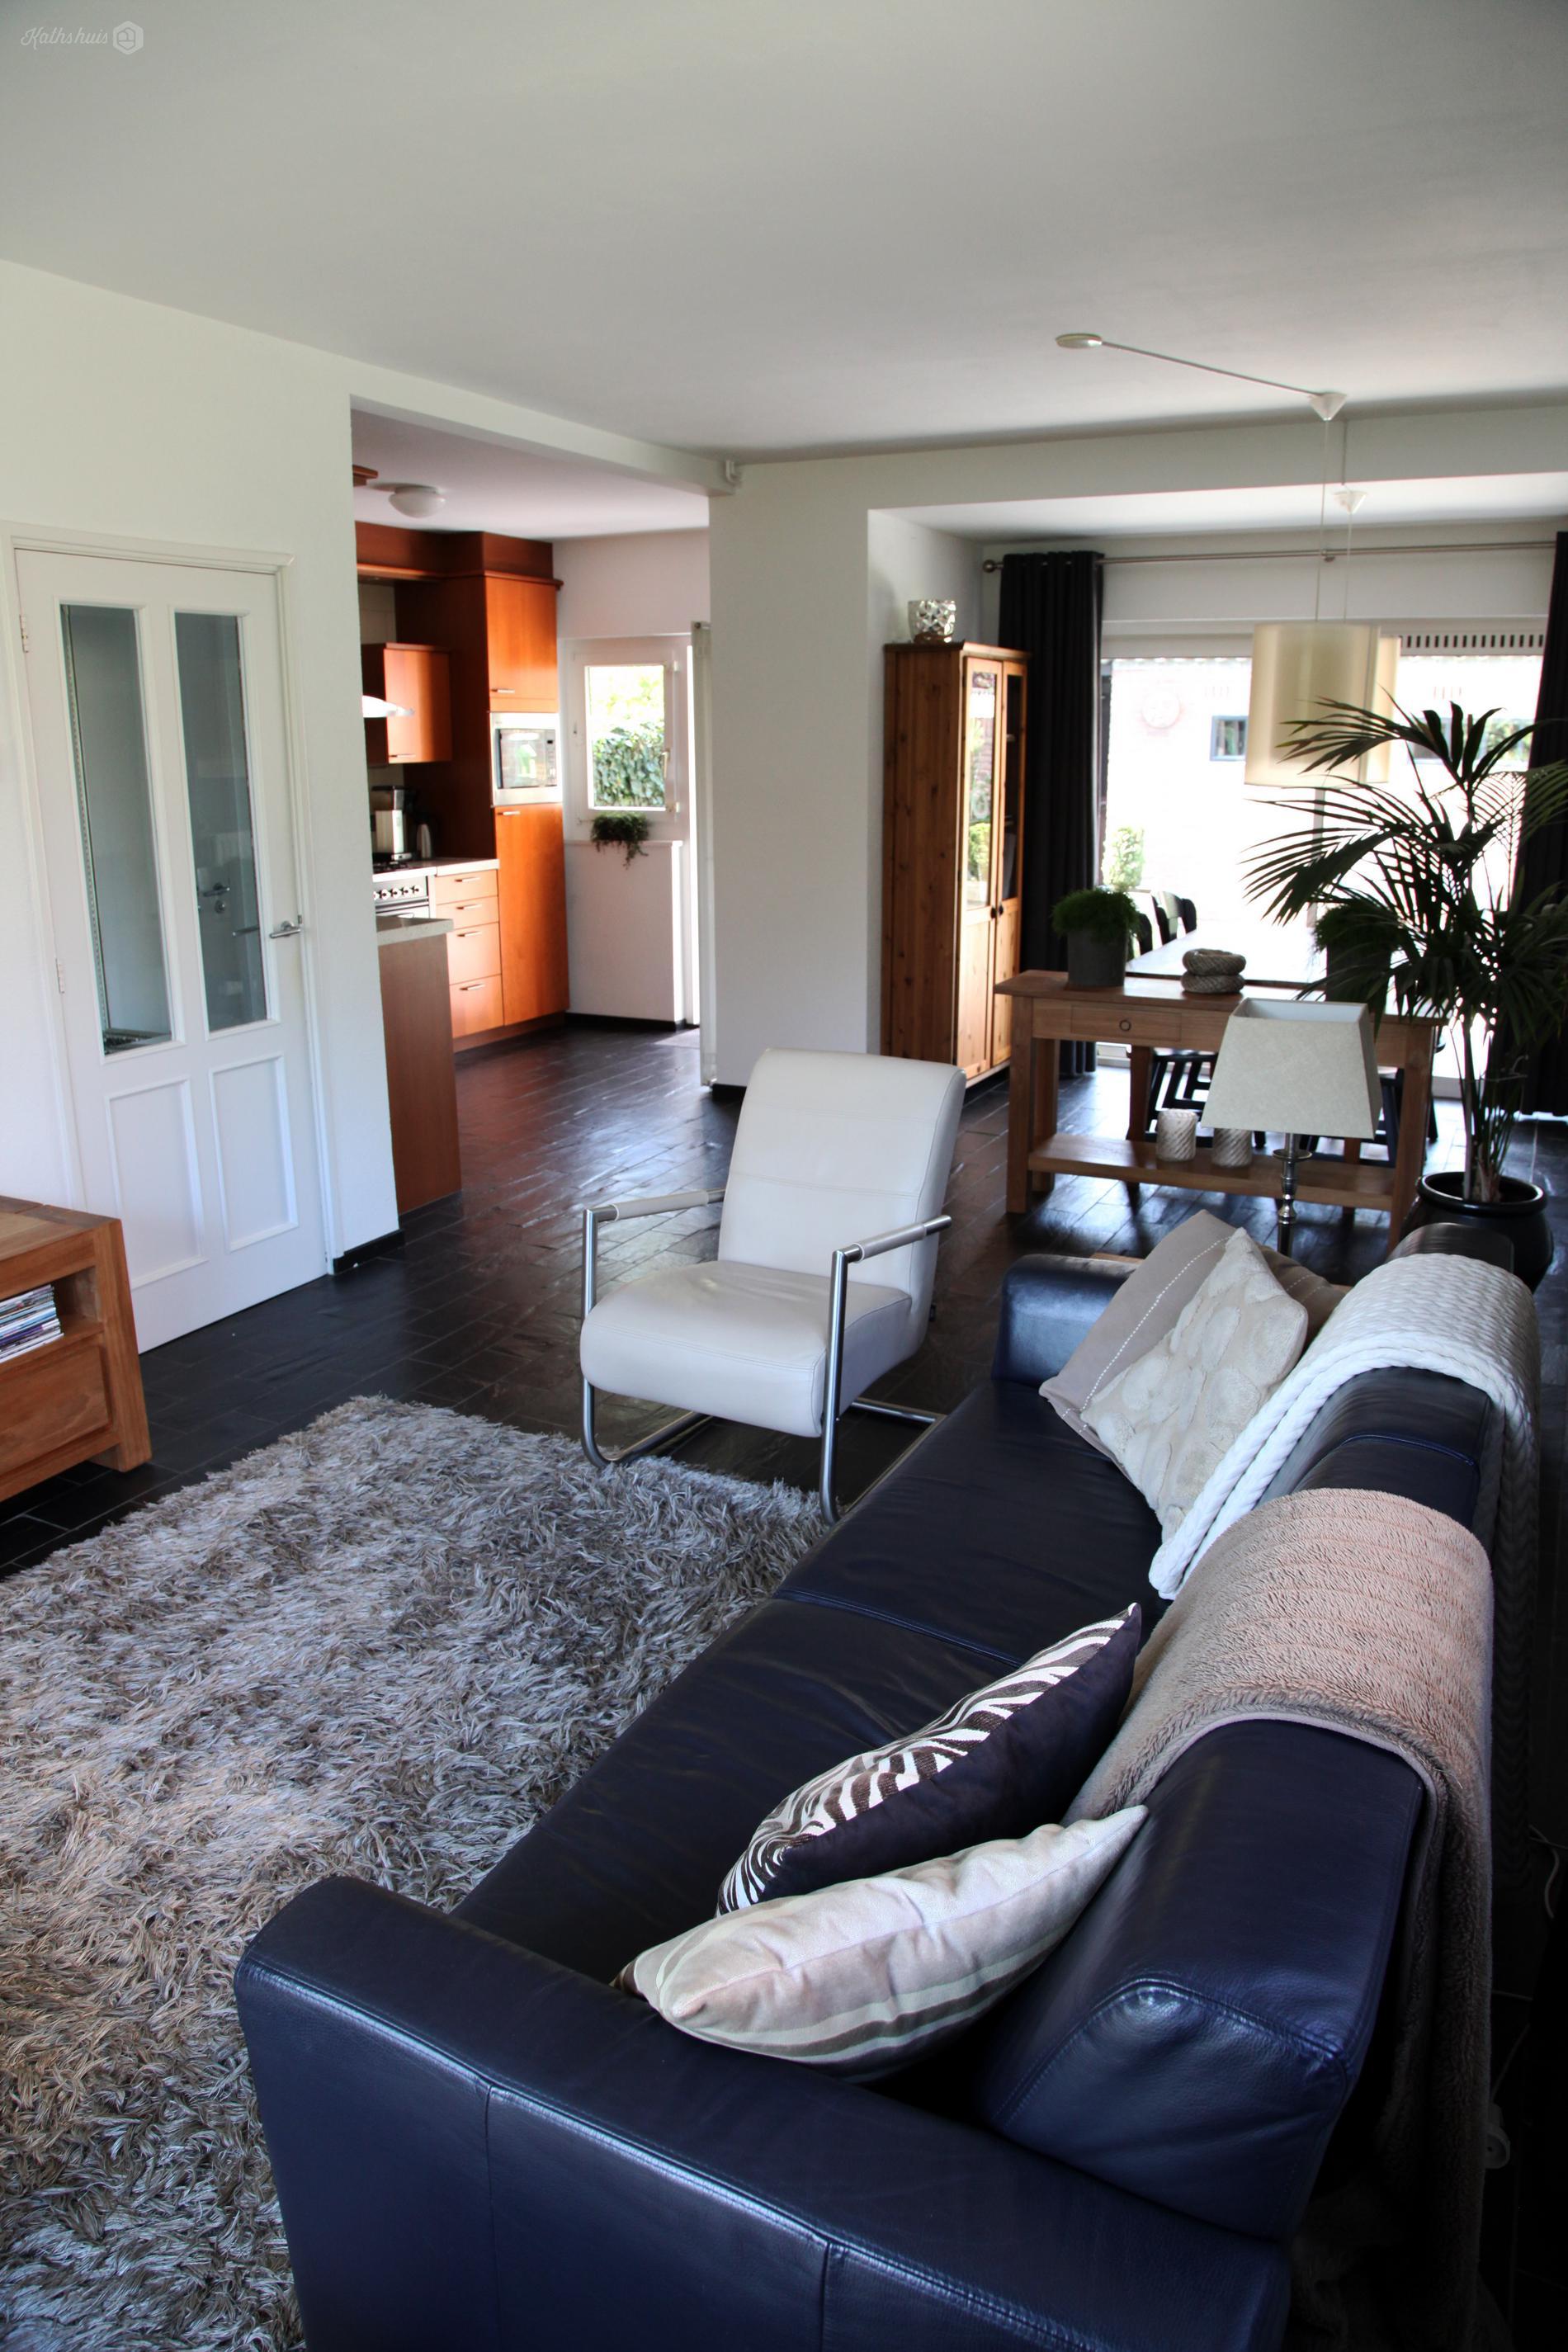 Kathshuis inrichting woonkamer met open keuken - Decoratie woonkamer met open keuken ...